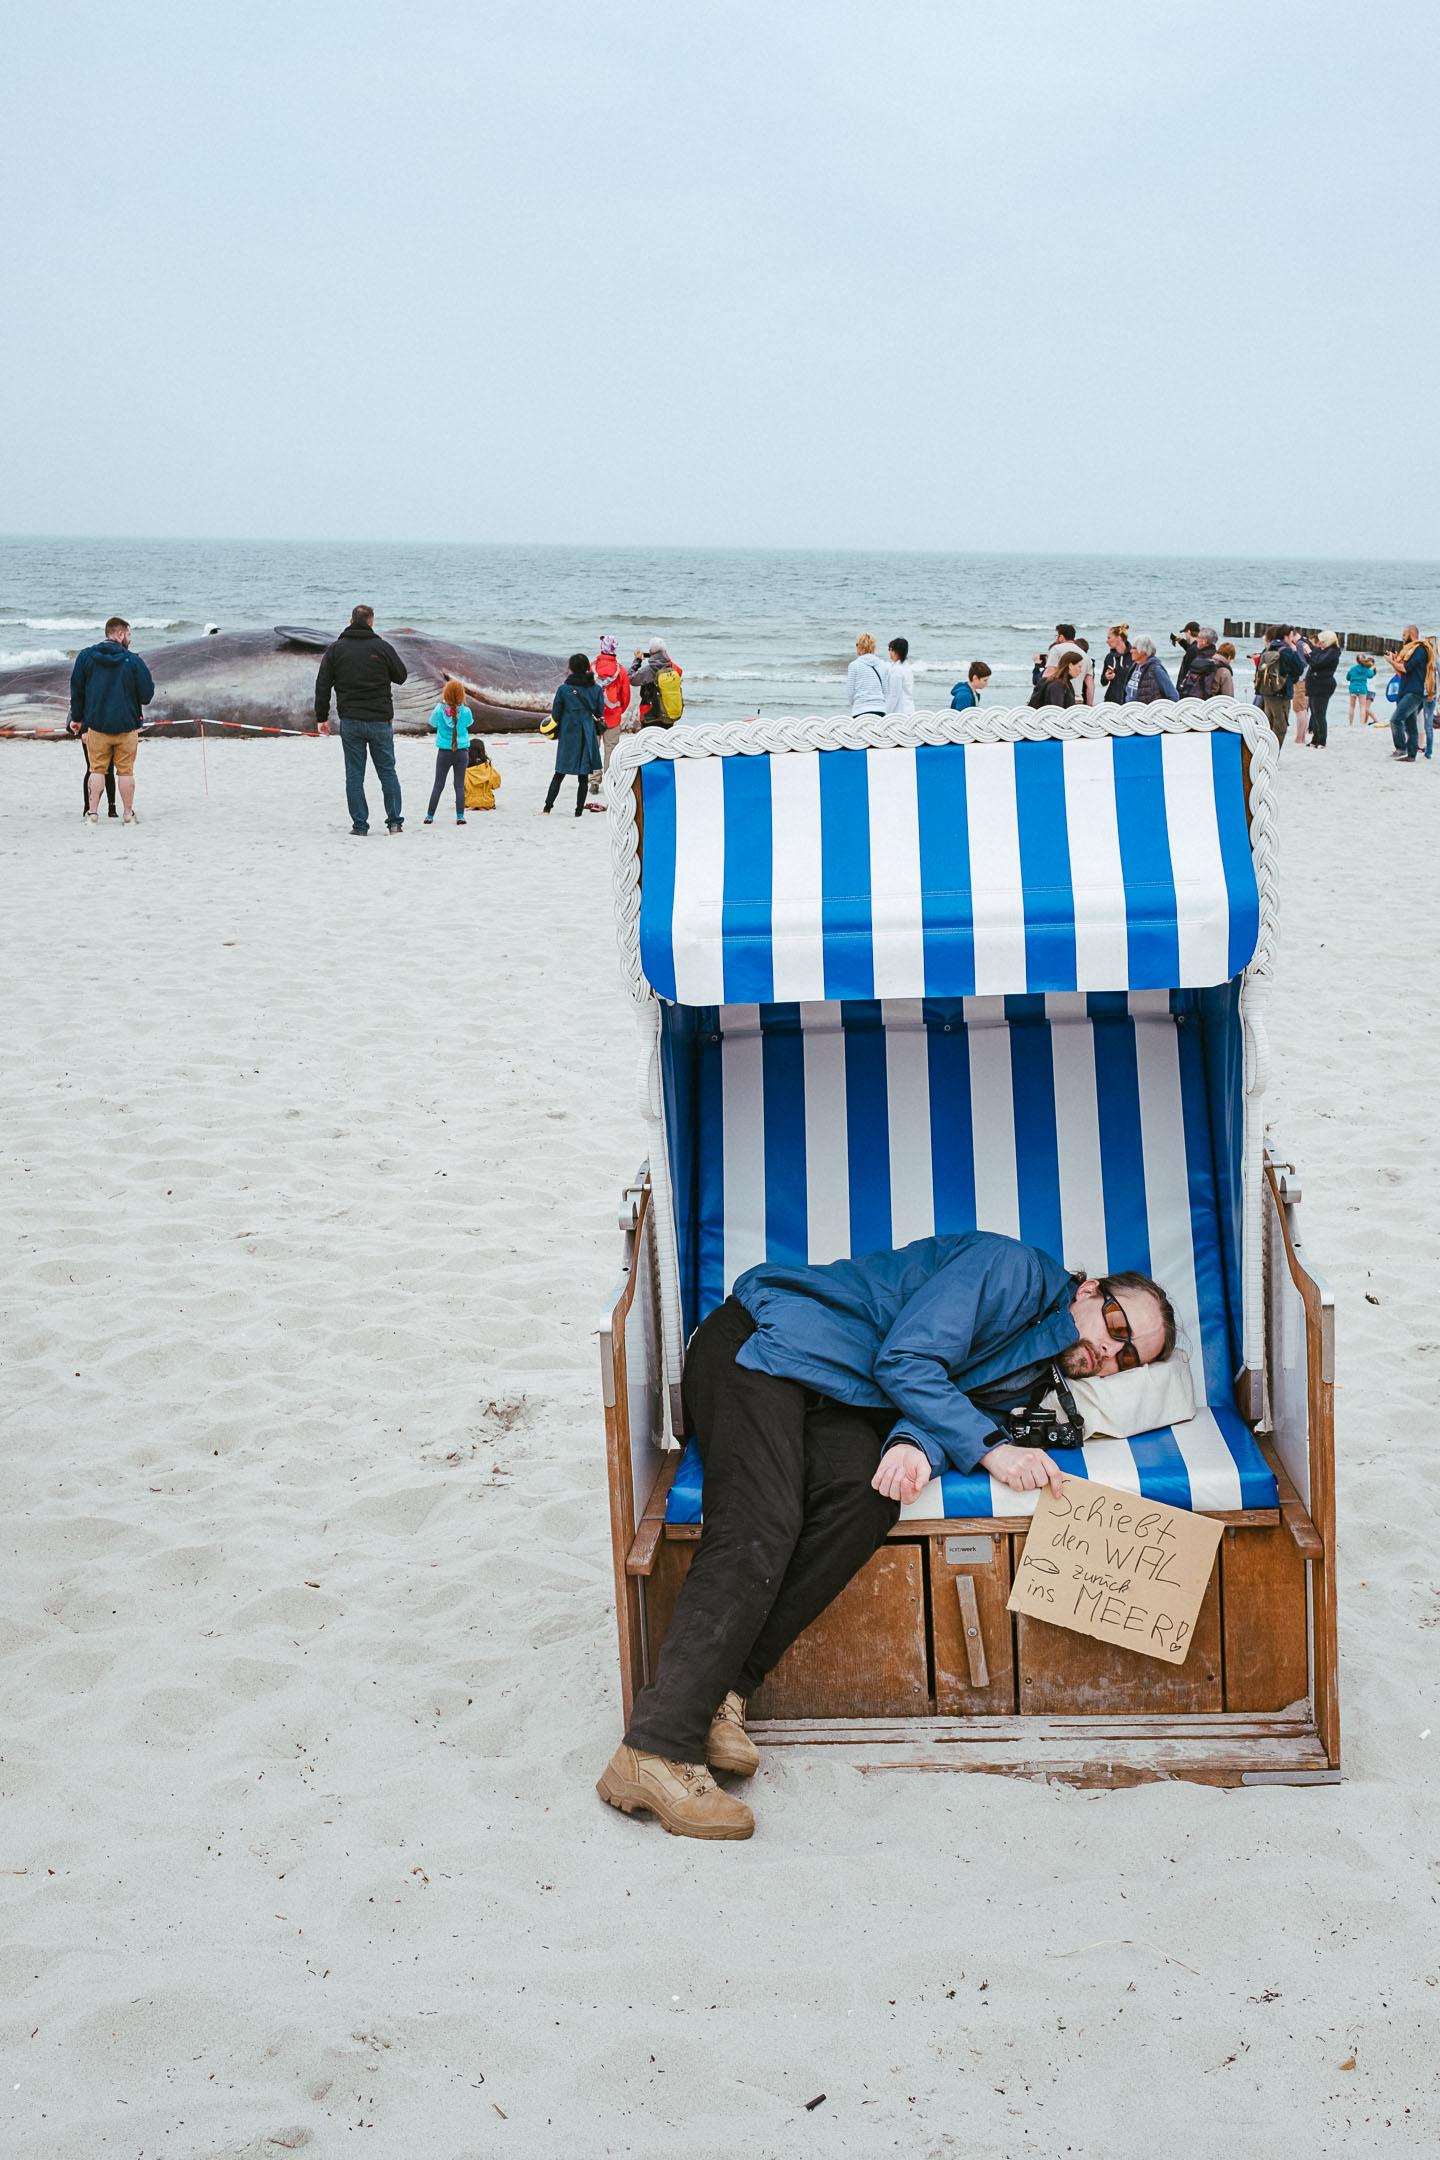 Horizonte Zingst - Waldemo - Fotofestival - Ostsee - Geschichten von unterwegs (7 von 13)